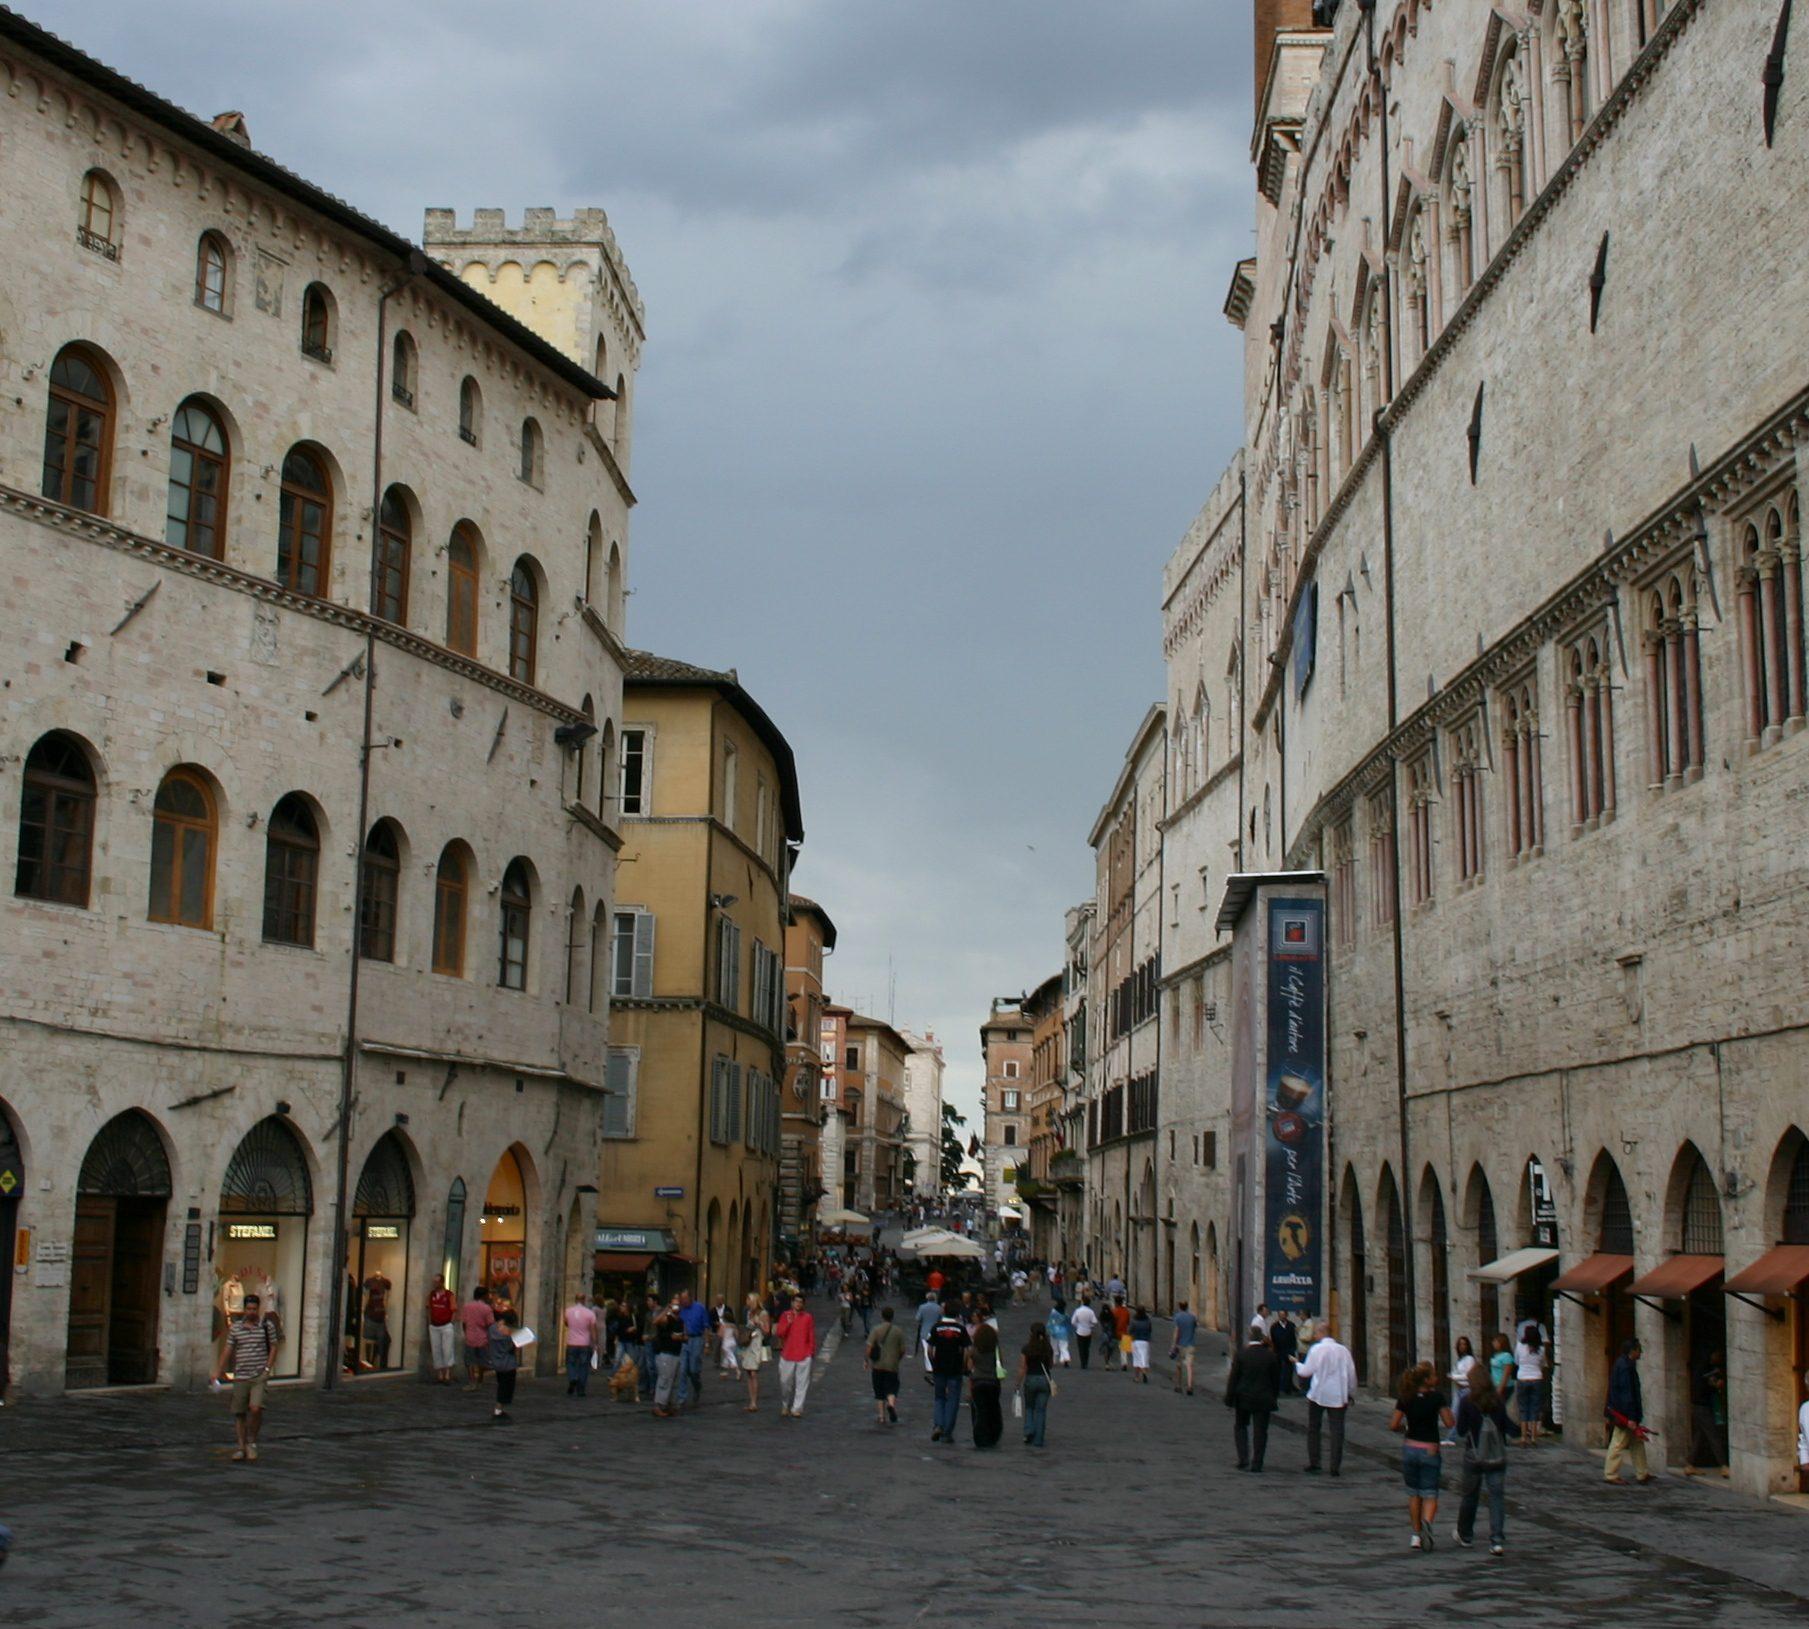 Legalità: a Perugia, negozianti contro lo spaccio di droga